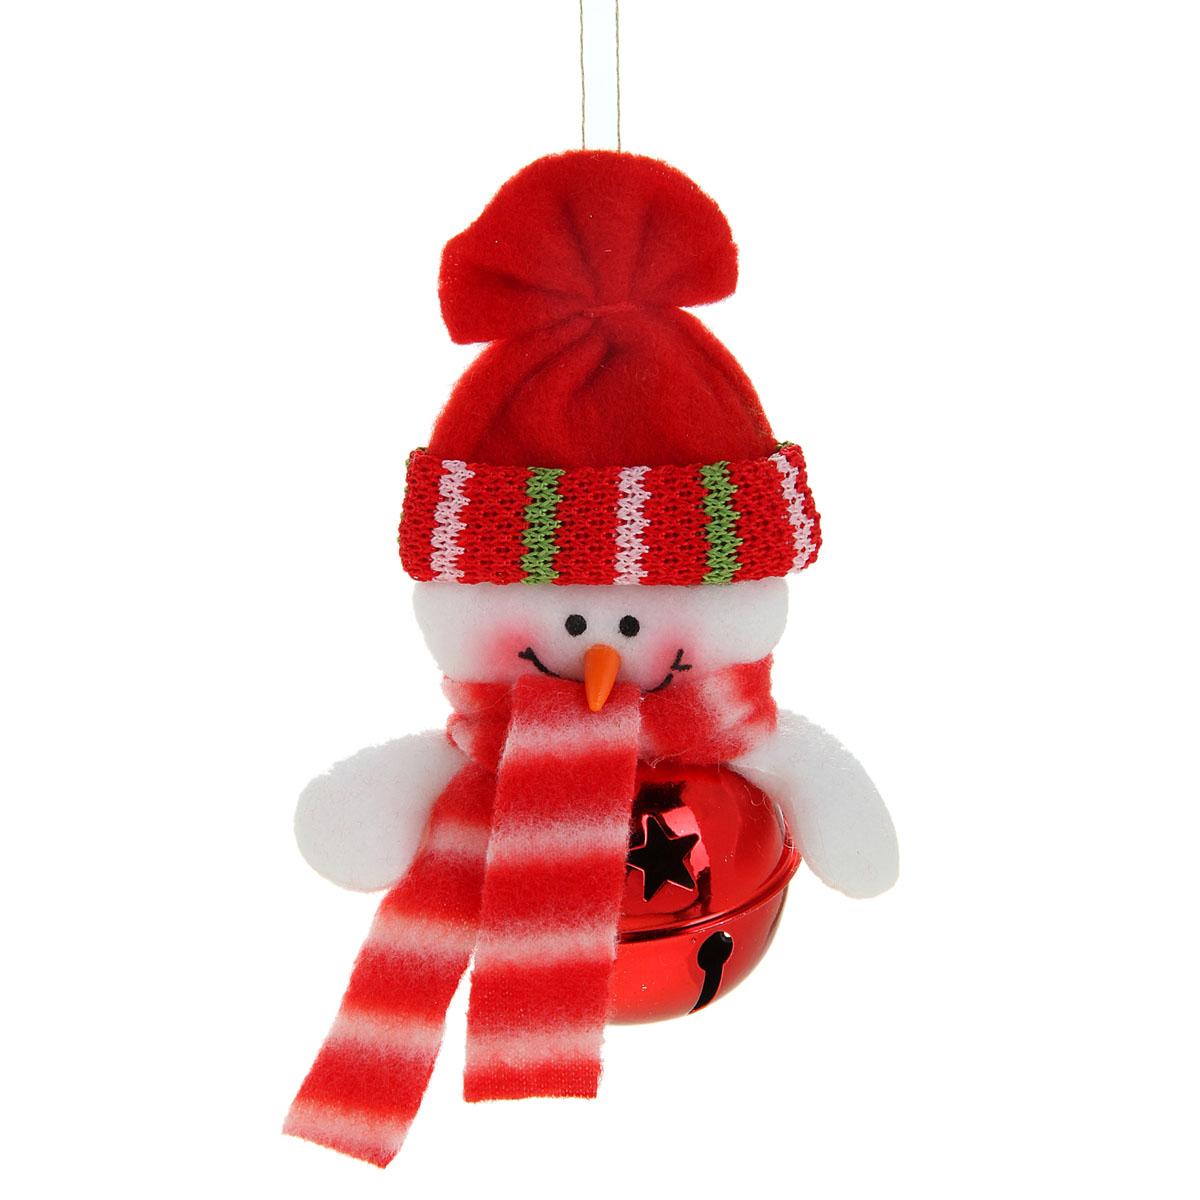 Новогоднее подвесное украшение Sima-land Снеговик, цвет: красный, 11 см х 7 см. 514038514038Новогоднее украшение Sima-land Снеговик прекрасно подойдет для праздничного декора вашего дома. Сувенир выполнен в виде металлического шара с текстильной фигуркой снеговика. Если встряхнуть украшение, вы услышите красивое мелодичное звучание. Изделие оснащено текстильной петелькой для подвешивания.Такая оригинальная фигурка оформит интерьер вашего дома или офиса в преддверии Нового года. Оригинальный дизайн и красочное исполнение создадут праздничное настроение. Кроме того, это отличный вариант подарка для ваших близких и друзей.Материал: металл, пластик, текстиль.